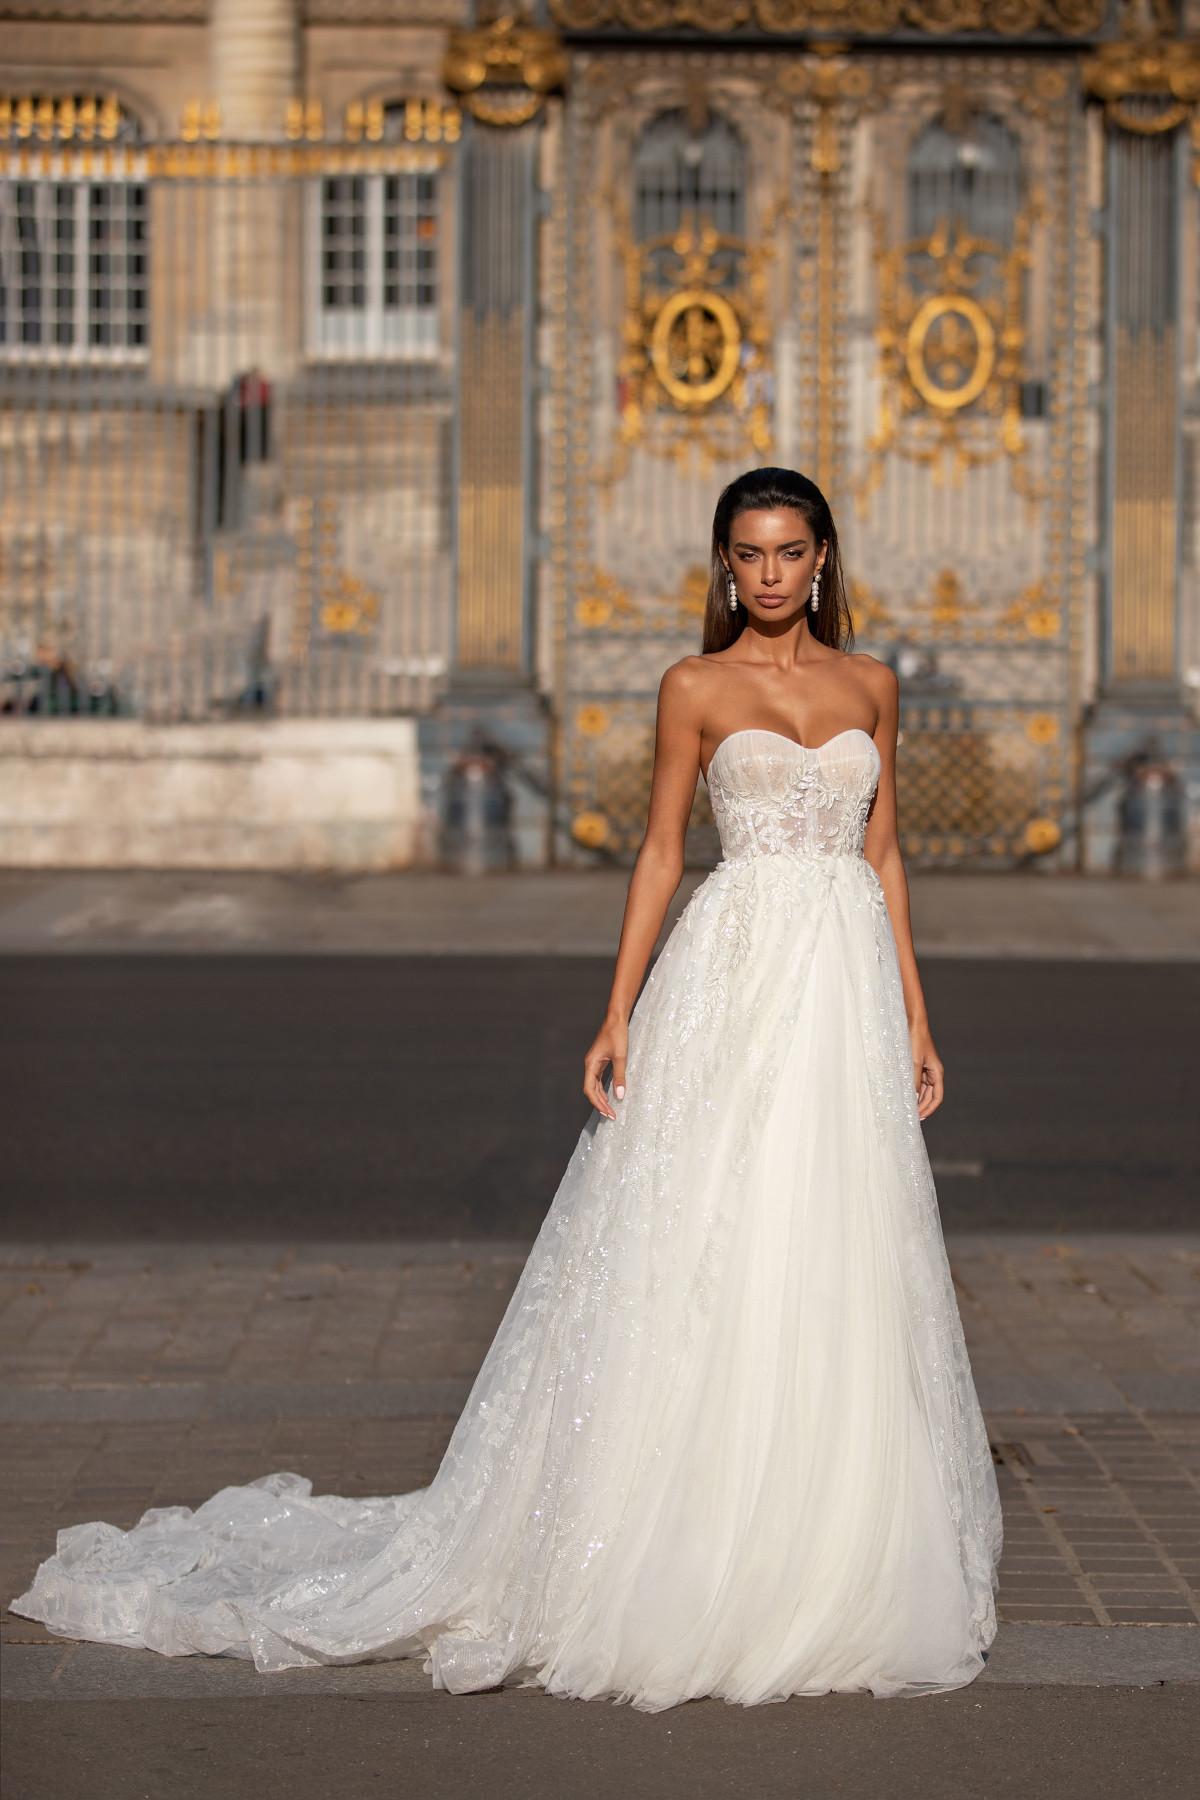 Prinzessinenkleid mit Schleppe und Pailetten für die Hochzeit – gesehen bei frauimmer-herrewig.de